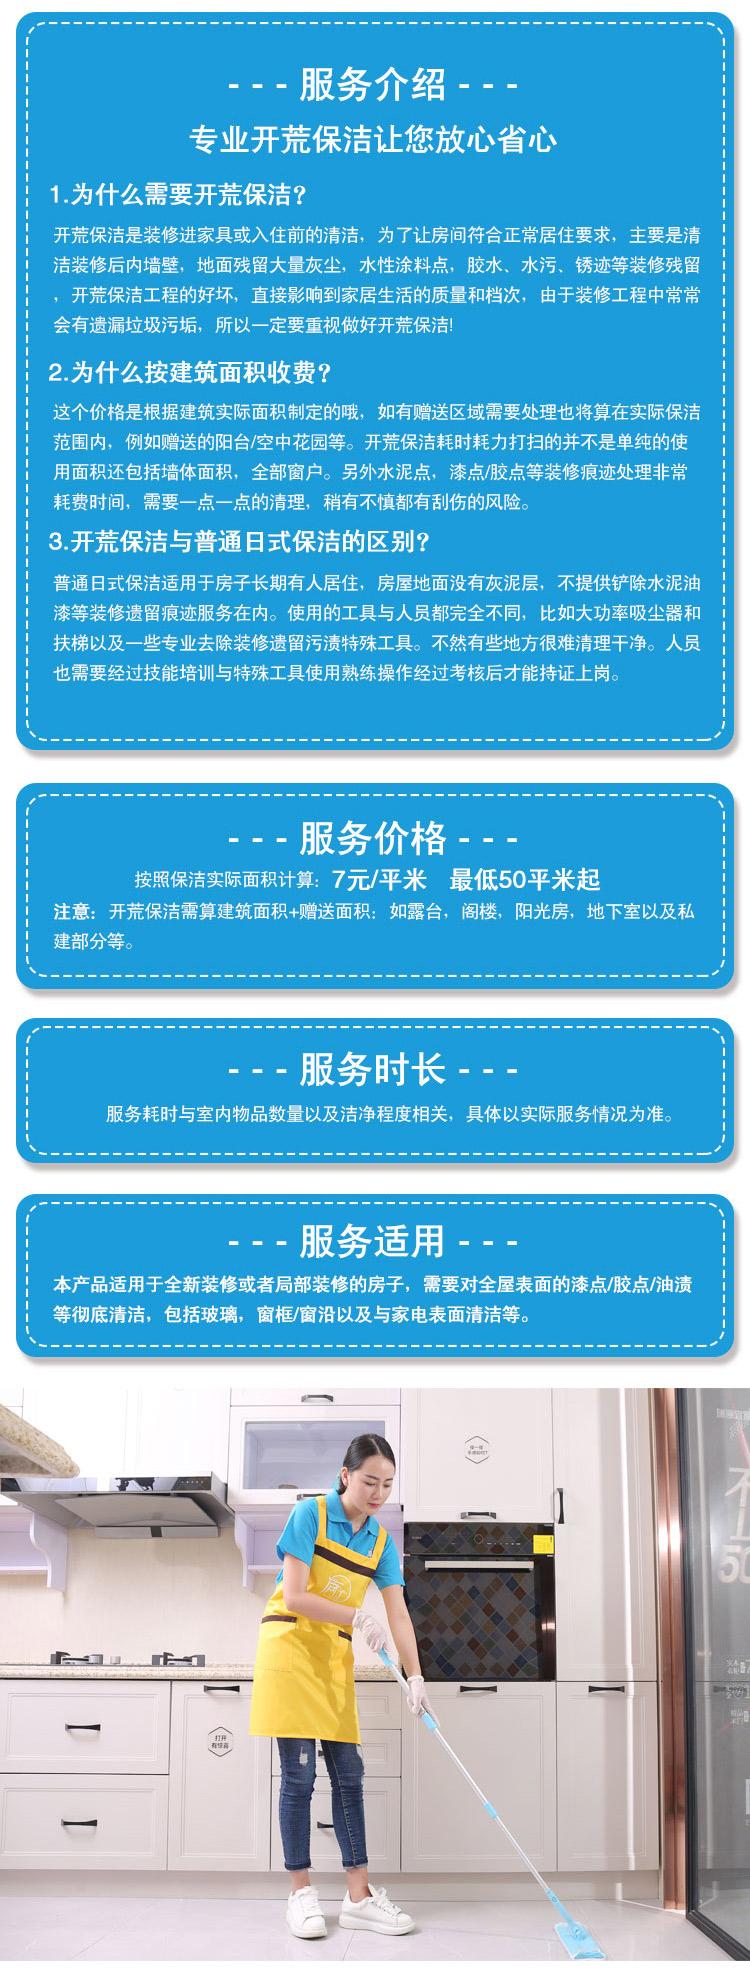 开荒保洁-详情页_02.jpg